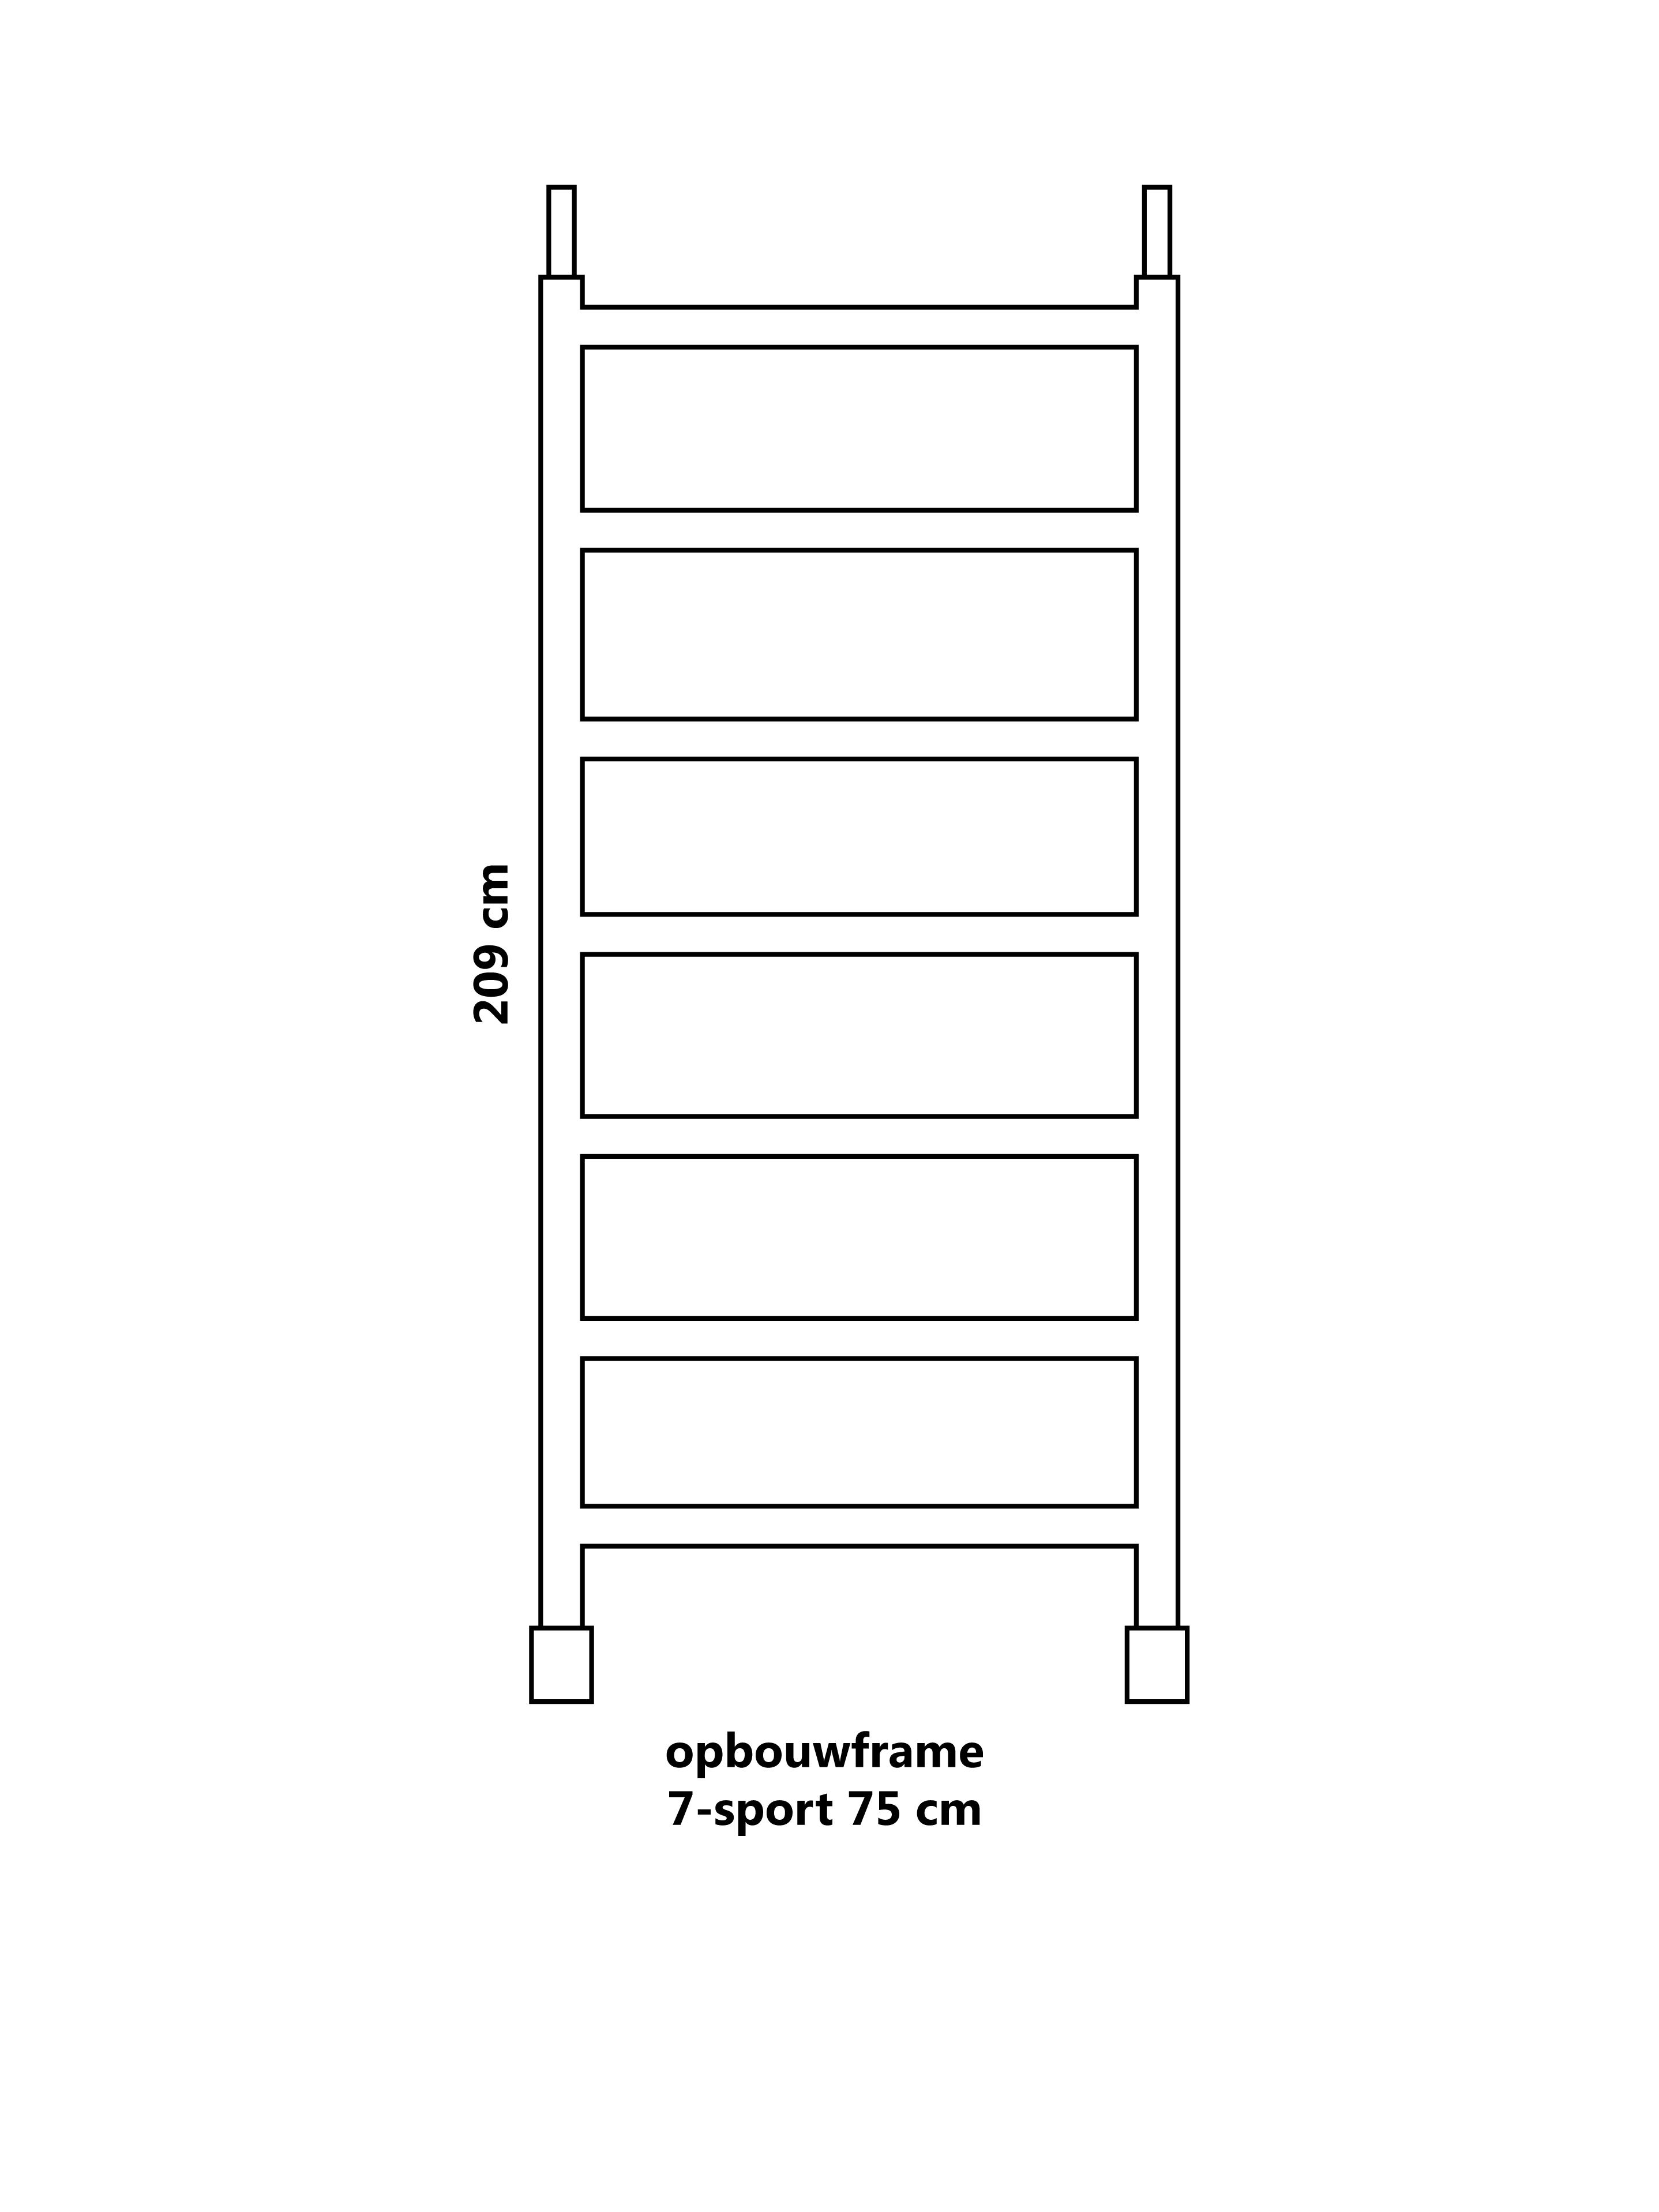 Steiger opbouwframe 7-sport 75 cm